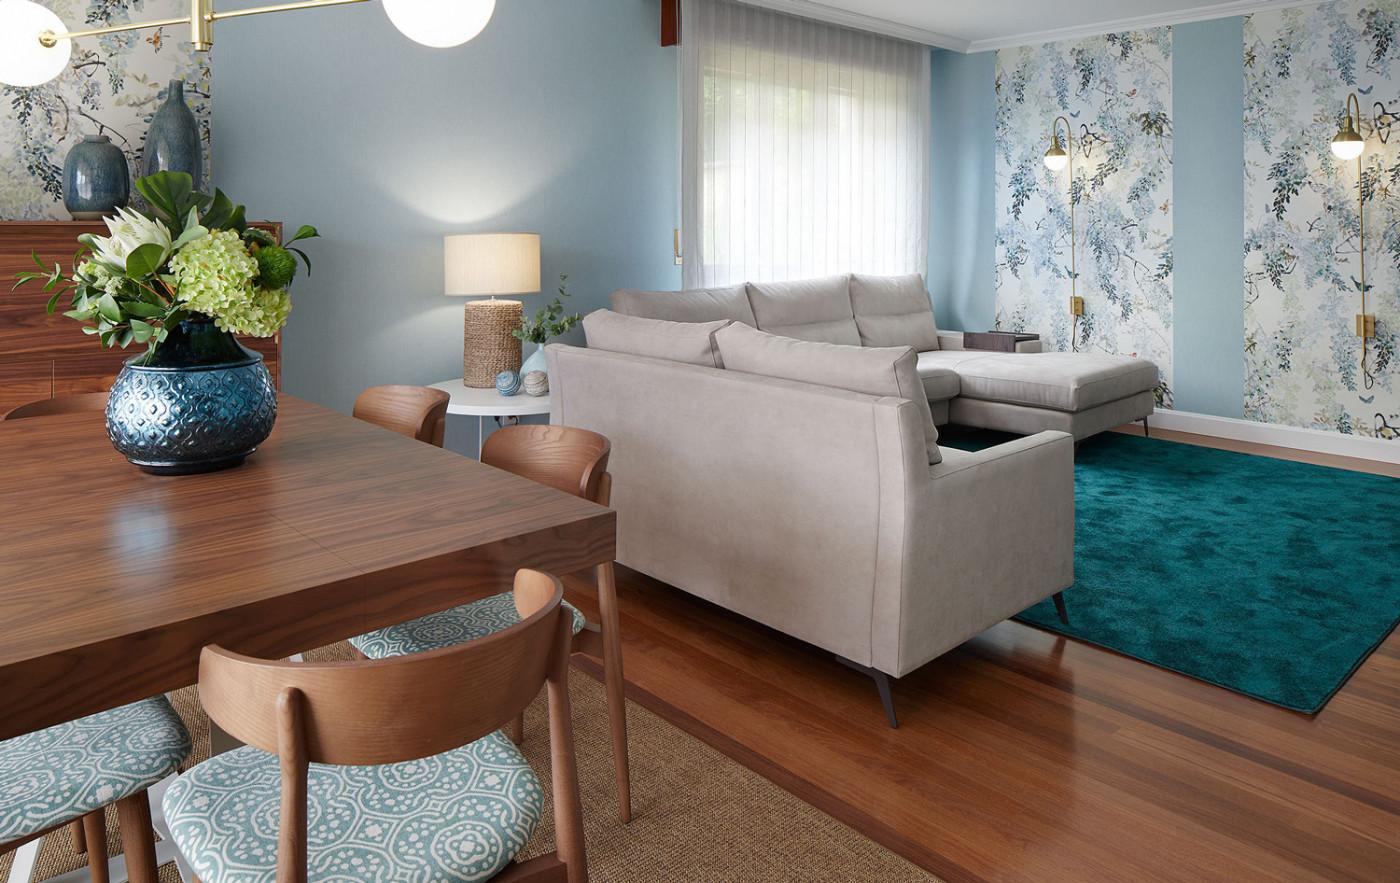 Casa URDIN reforma vivienda completa